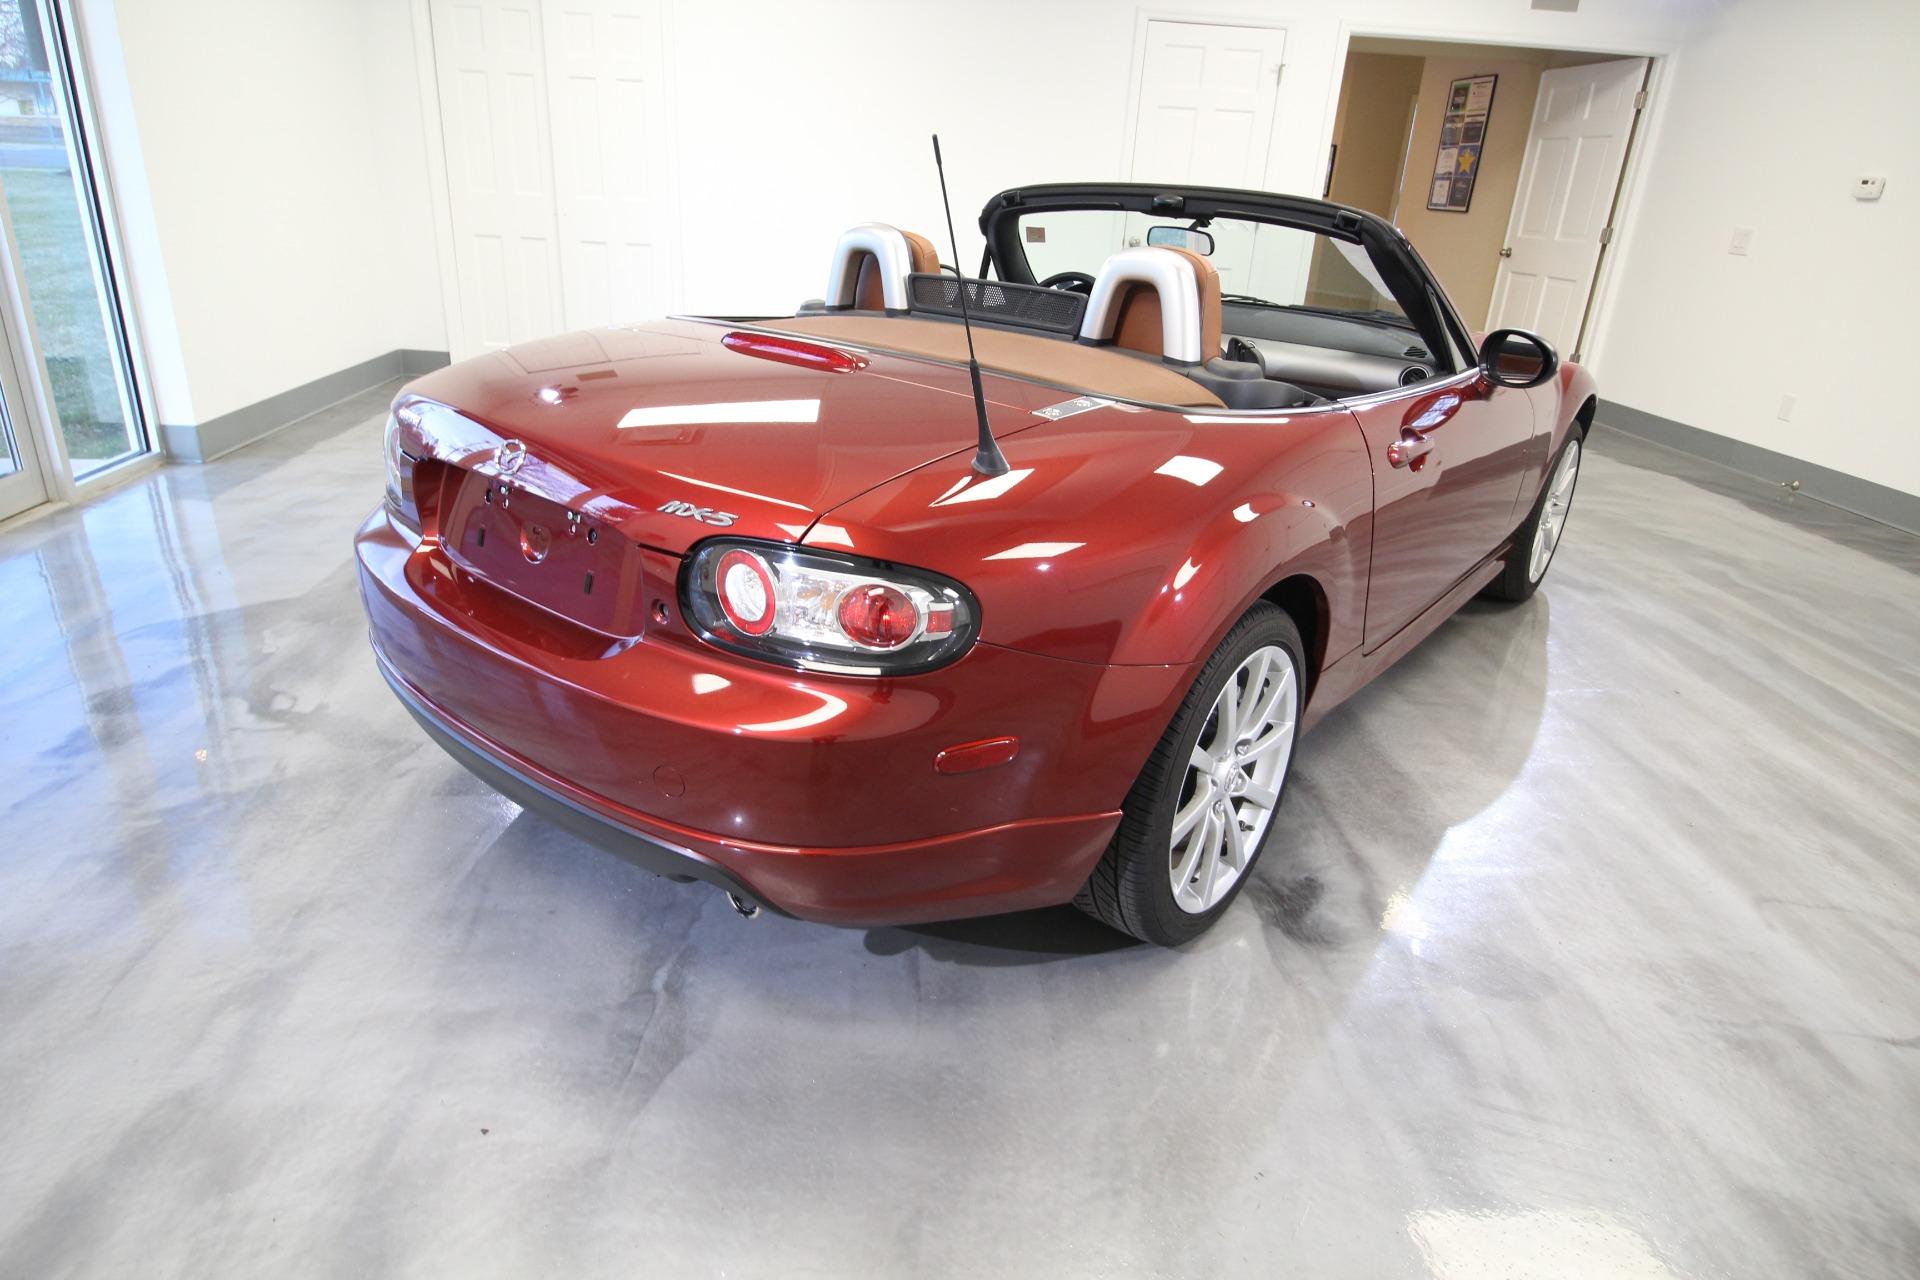 Used 2008 Mazda MX-5 Miata Grand Touring RARE 1 OWNER 6 SPEED MANUAL LIKE NEW | Albany, NY